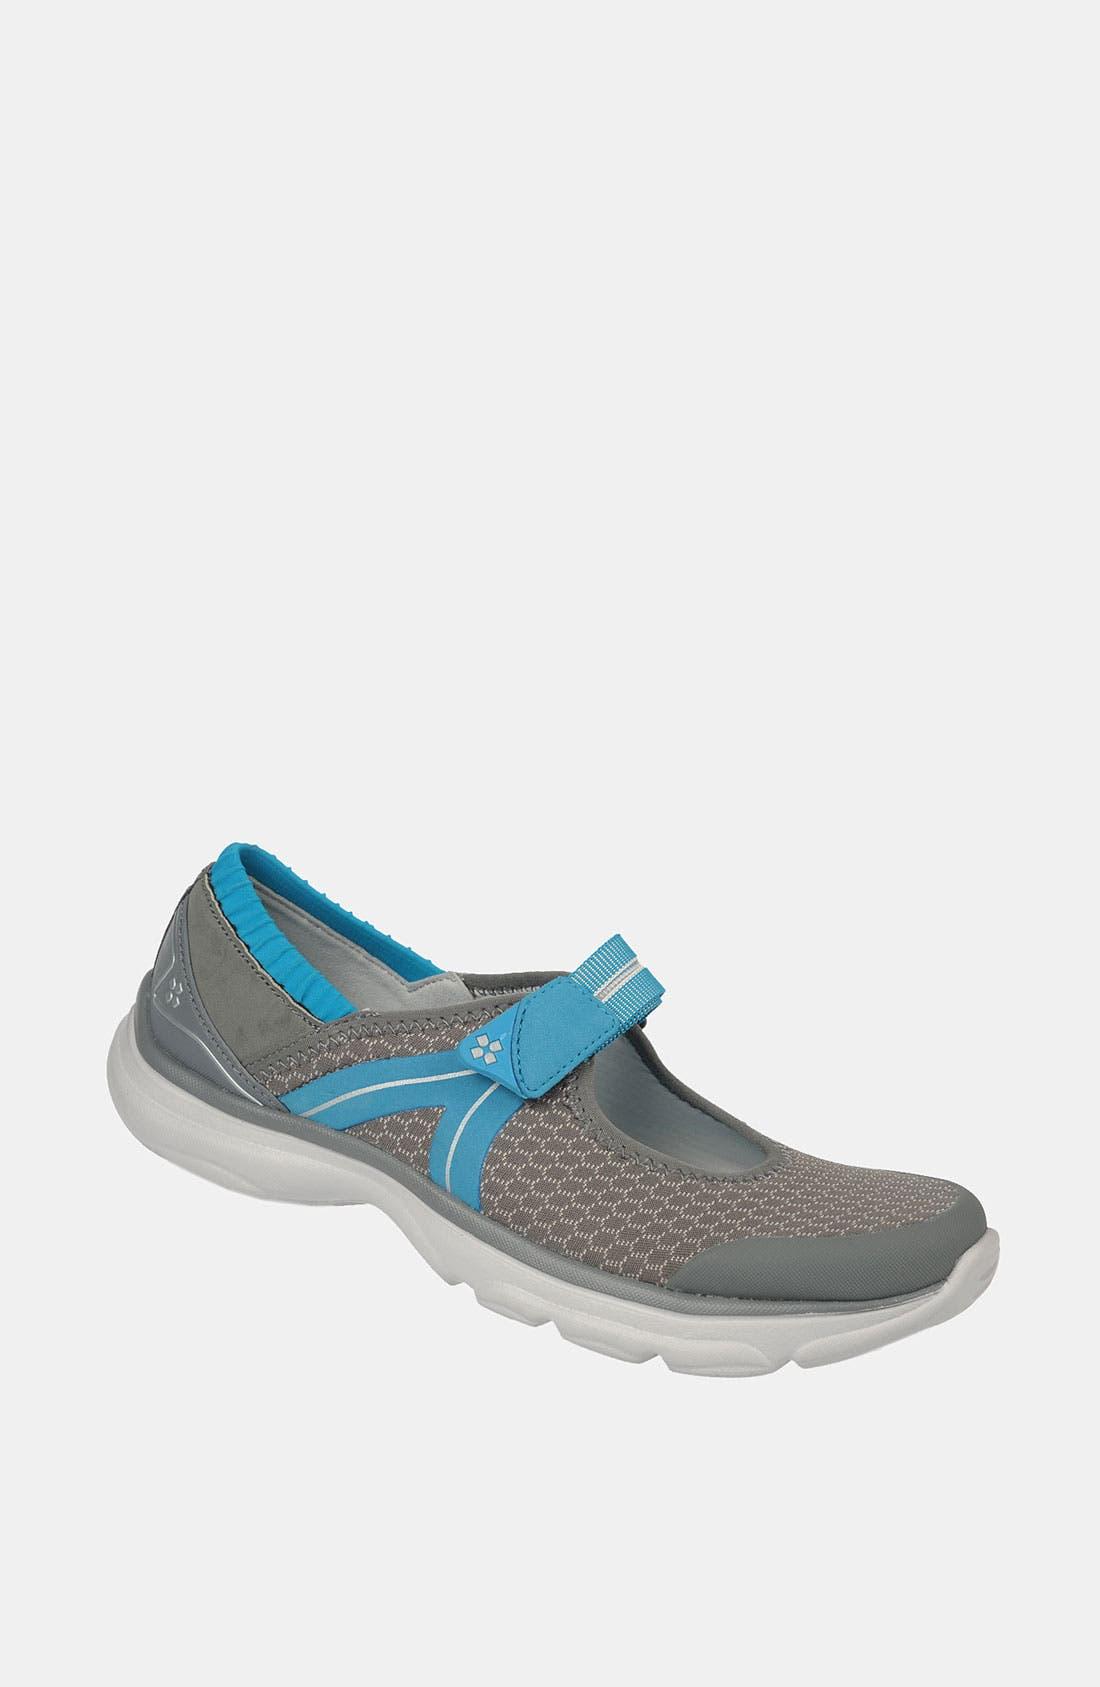 Main Image - Naturalizer 'BZees - Boardwalk' Walking Shoe